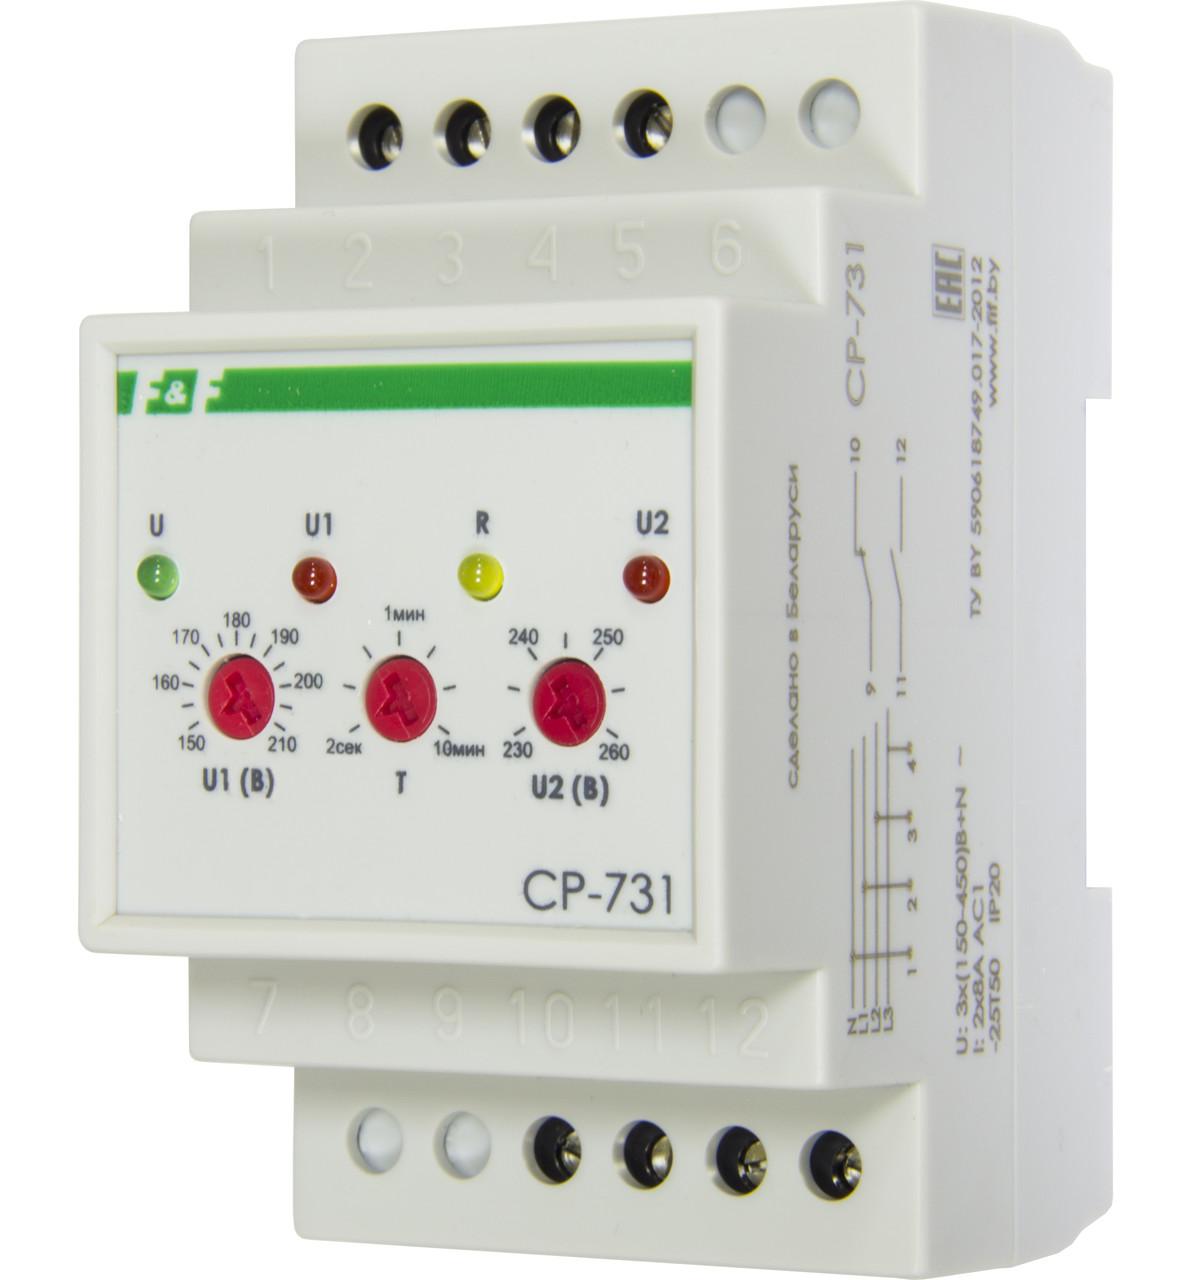 CP-731 Реле напряжения, контроль асимметрии, чередования, слипания фаз, контакт 1NO, 1NC, 8 А.